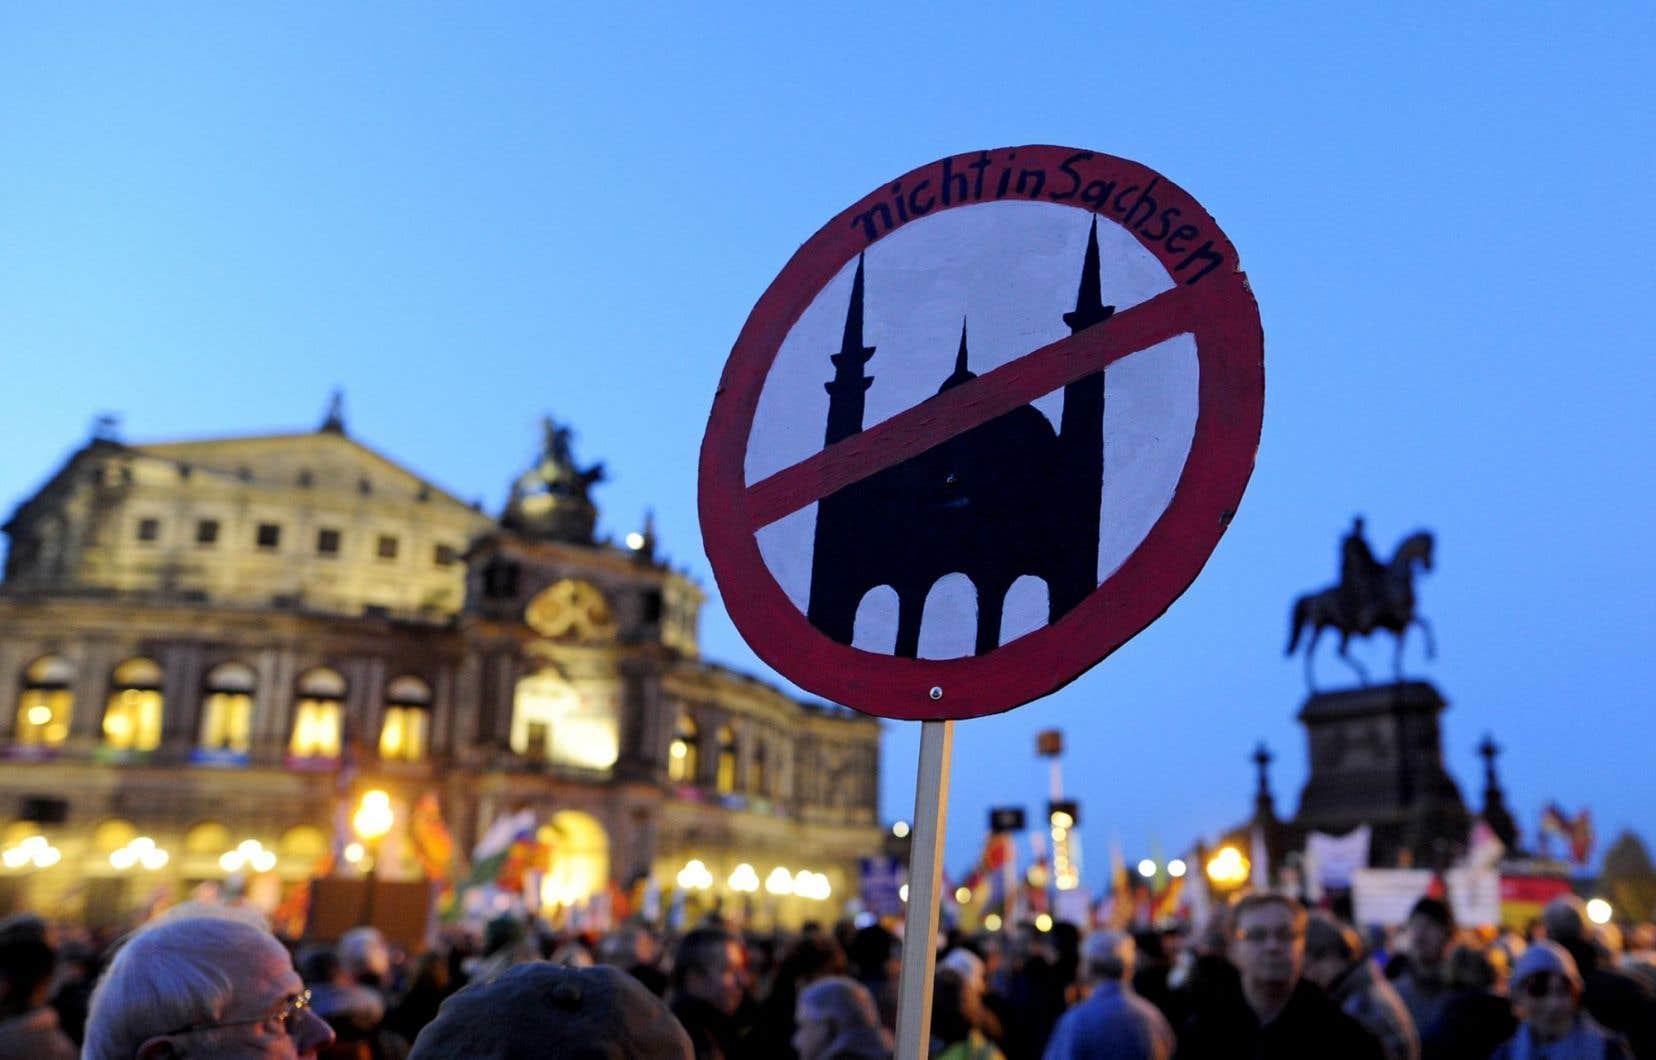 Selon les statistiques officielles pour 2015, les actes de violence d'extrême droite en Allemagne ont doublé par rapport à 2014, à environ un millier.